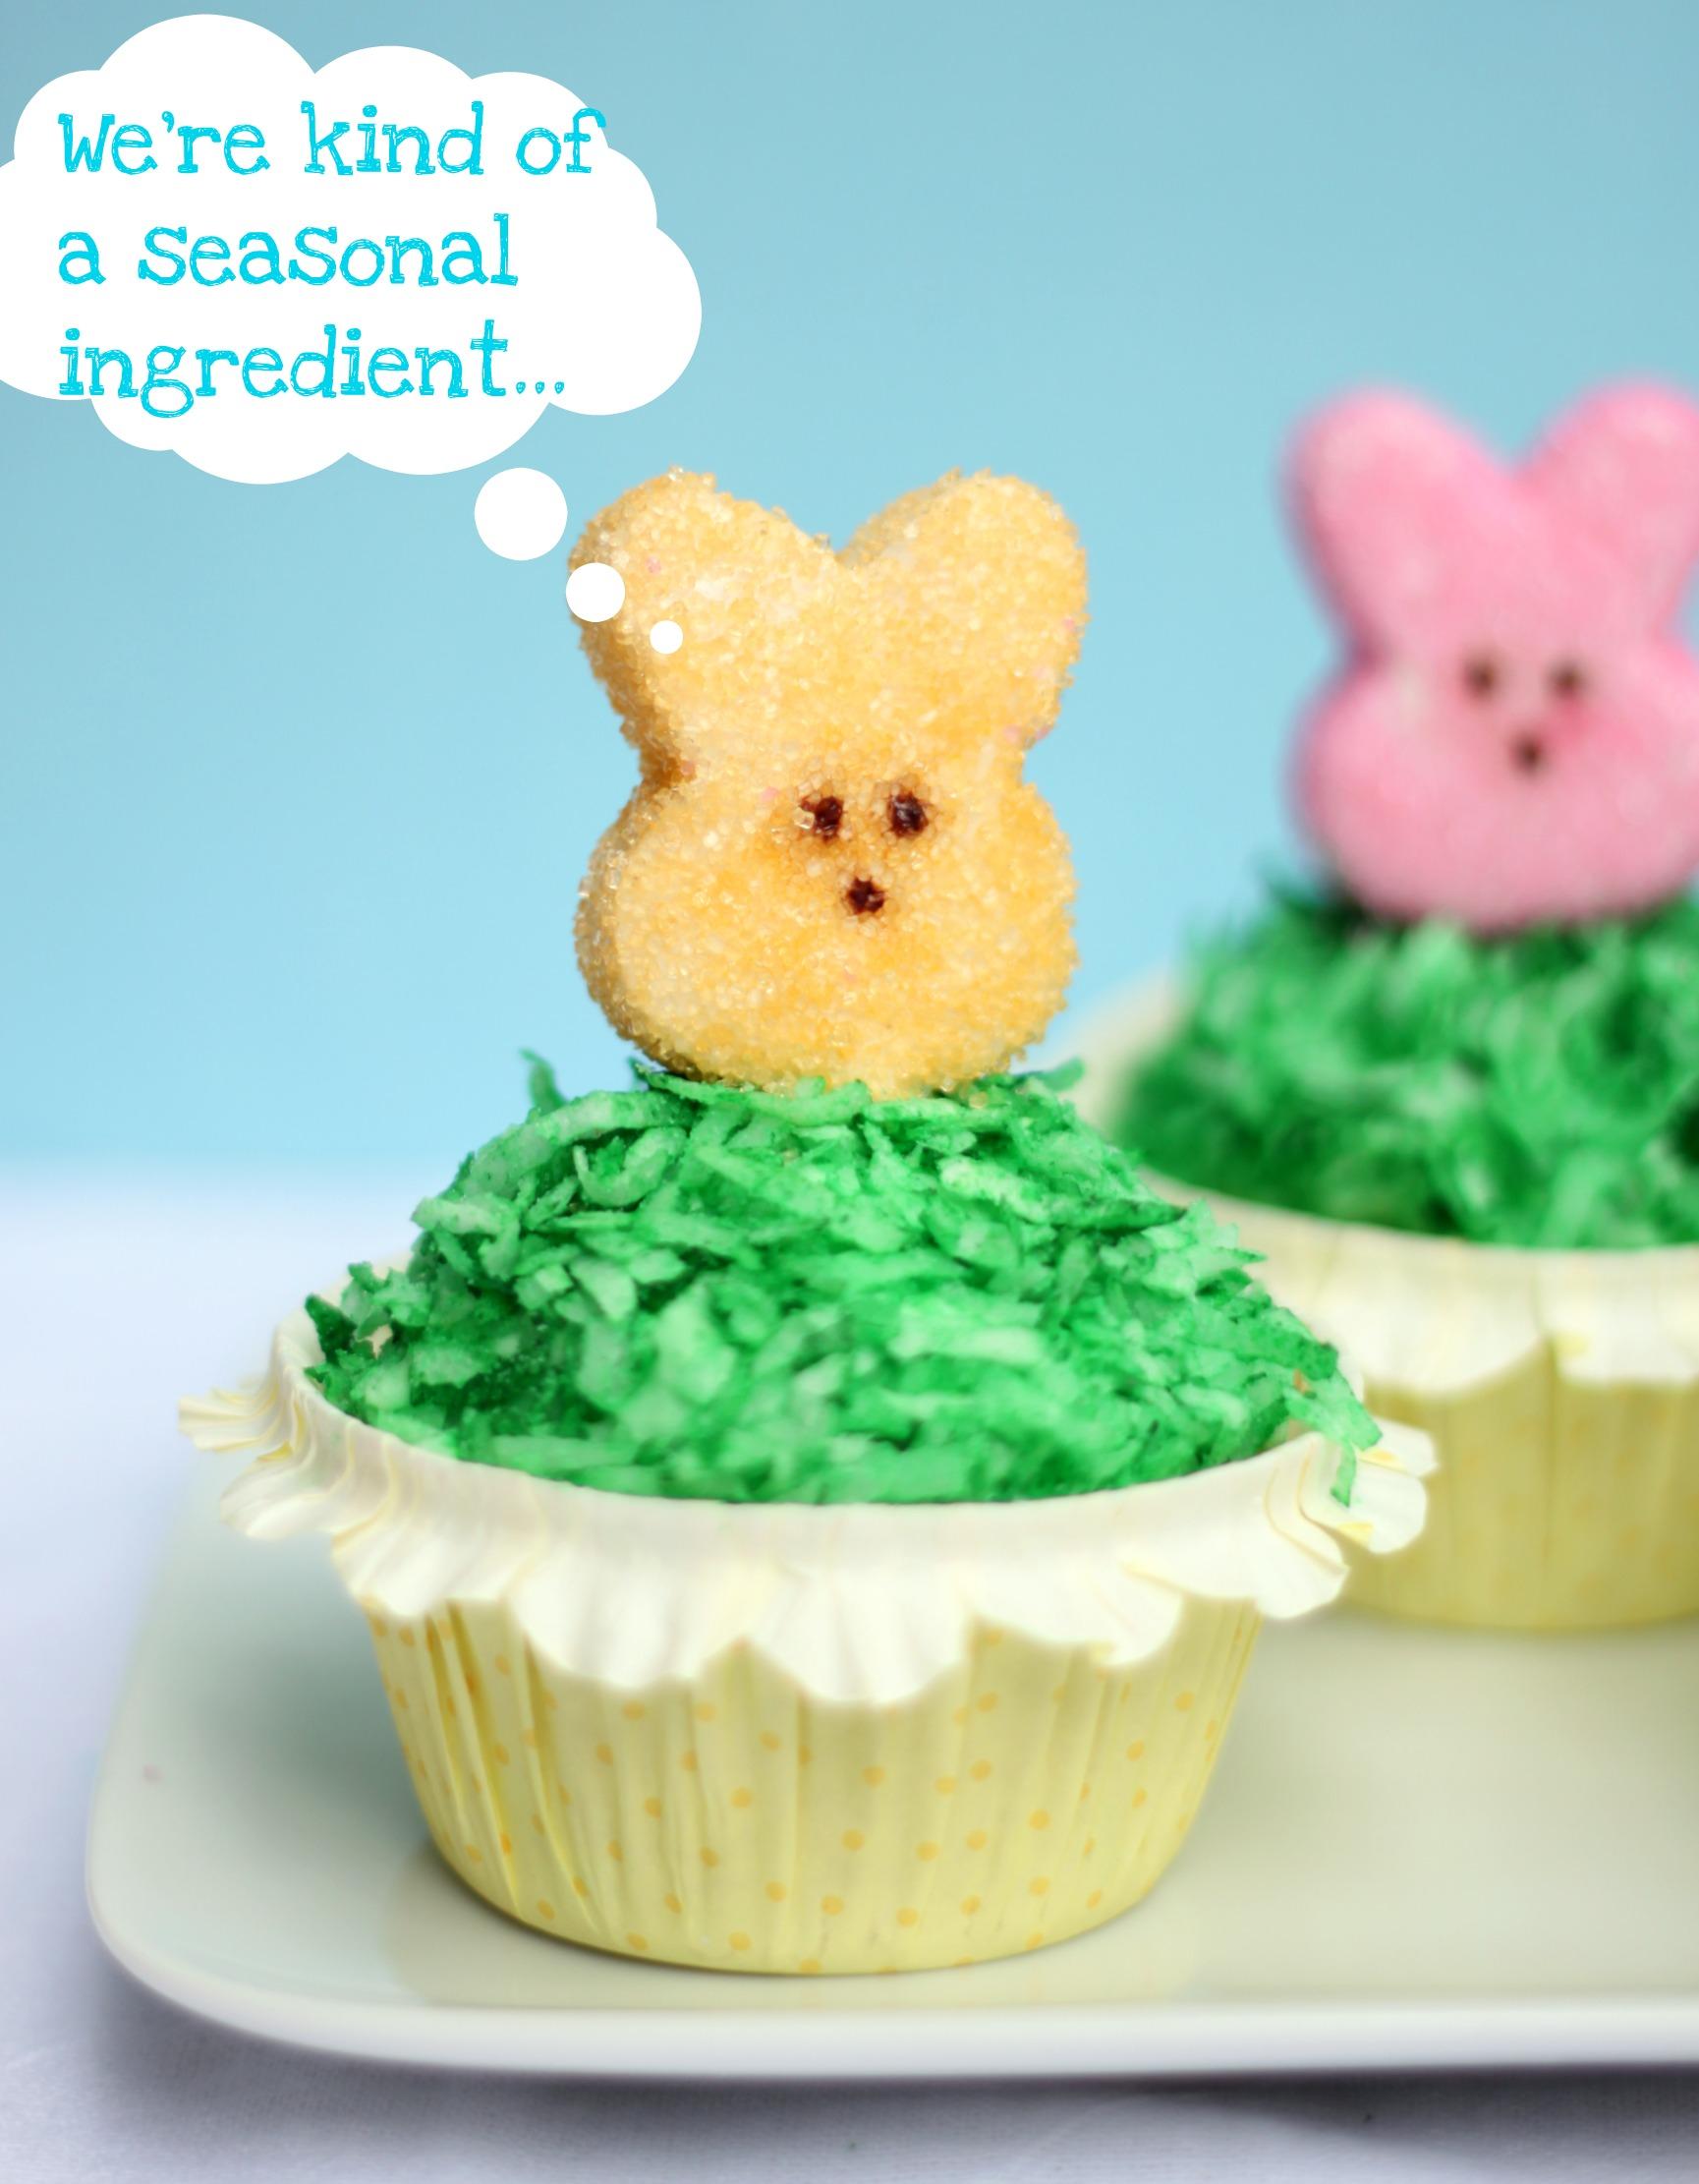 Cupcakes with homemade peeps seasonal ingredient